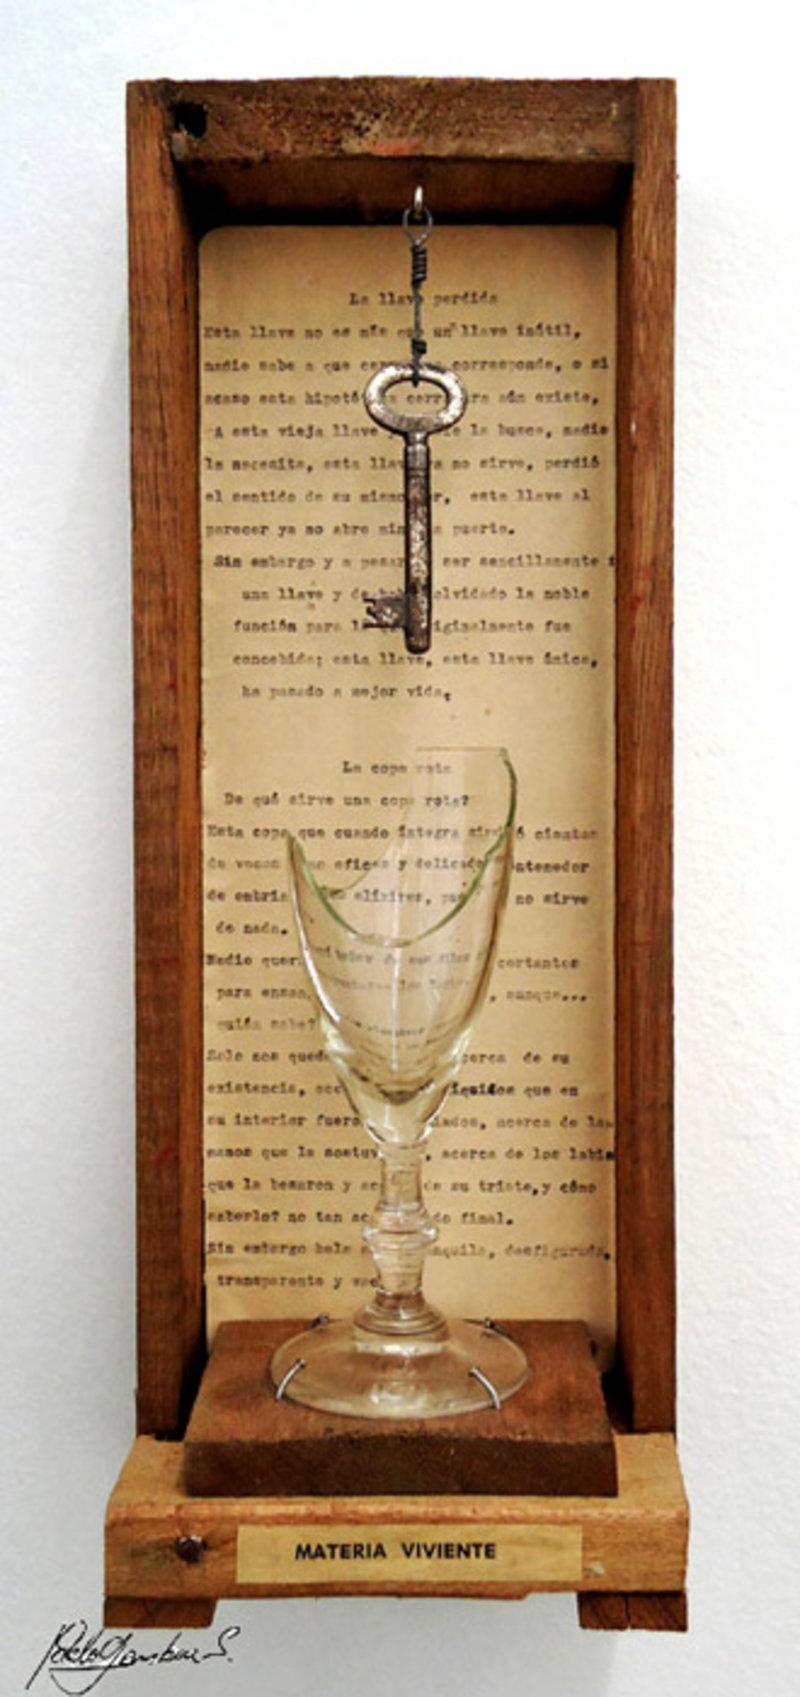 La copa y la llave | Gamboa Pablo